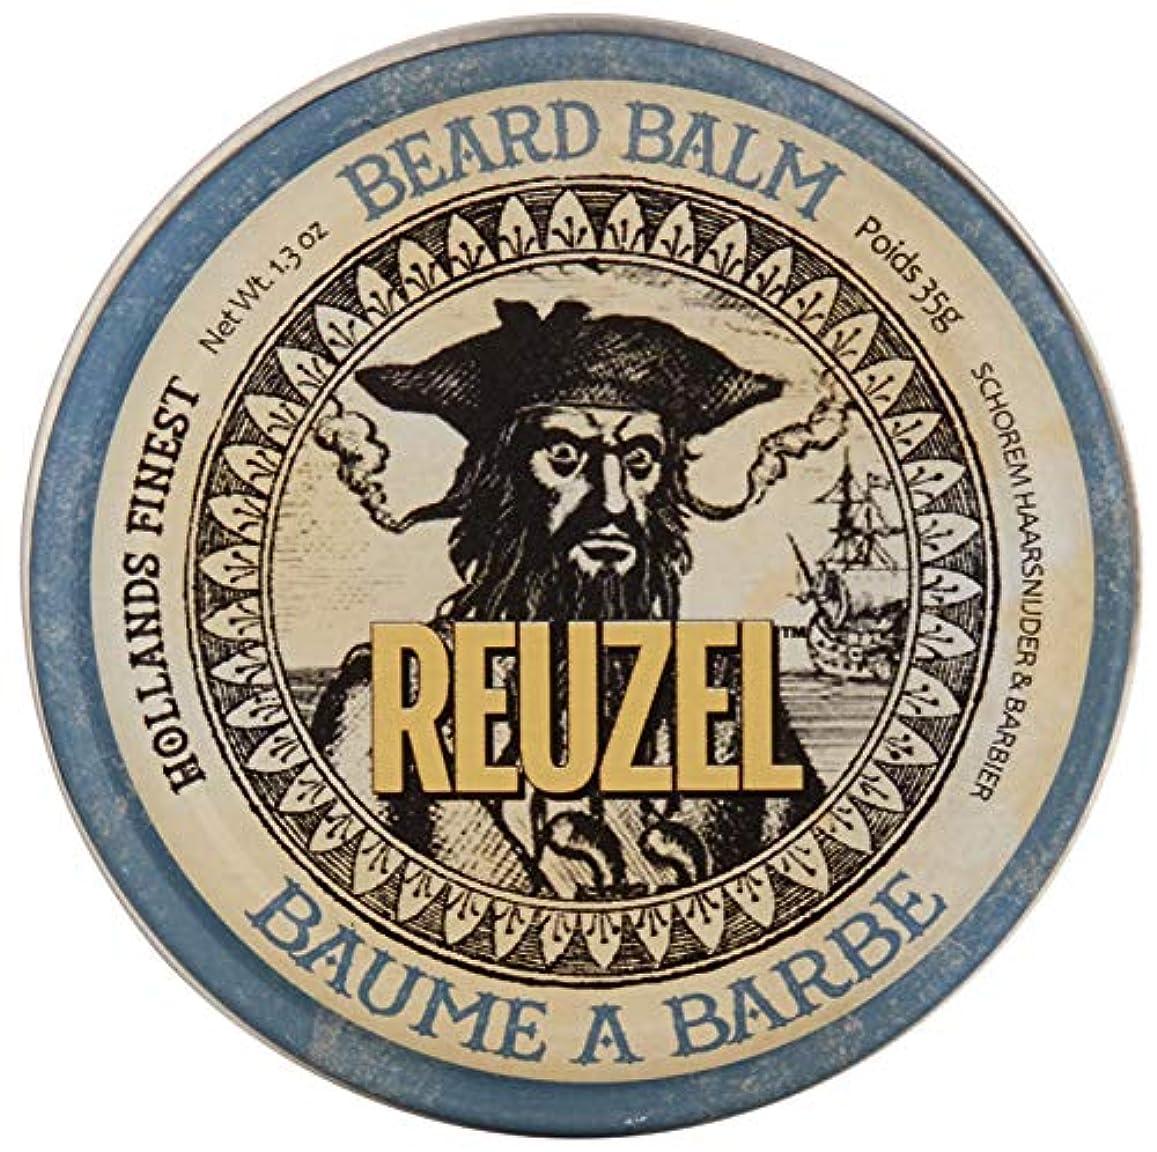 見習い盗賊疑わしいreuzel BEARD BALM 1.3 oz by REUZEL